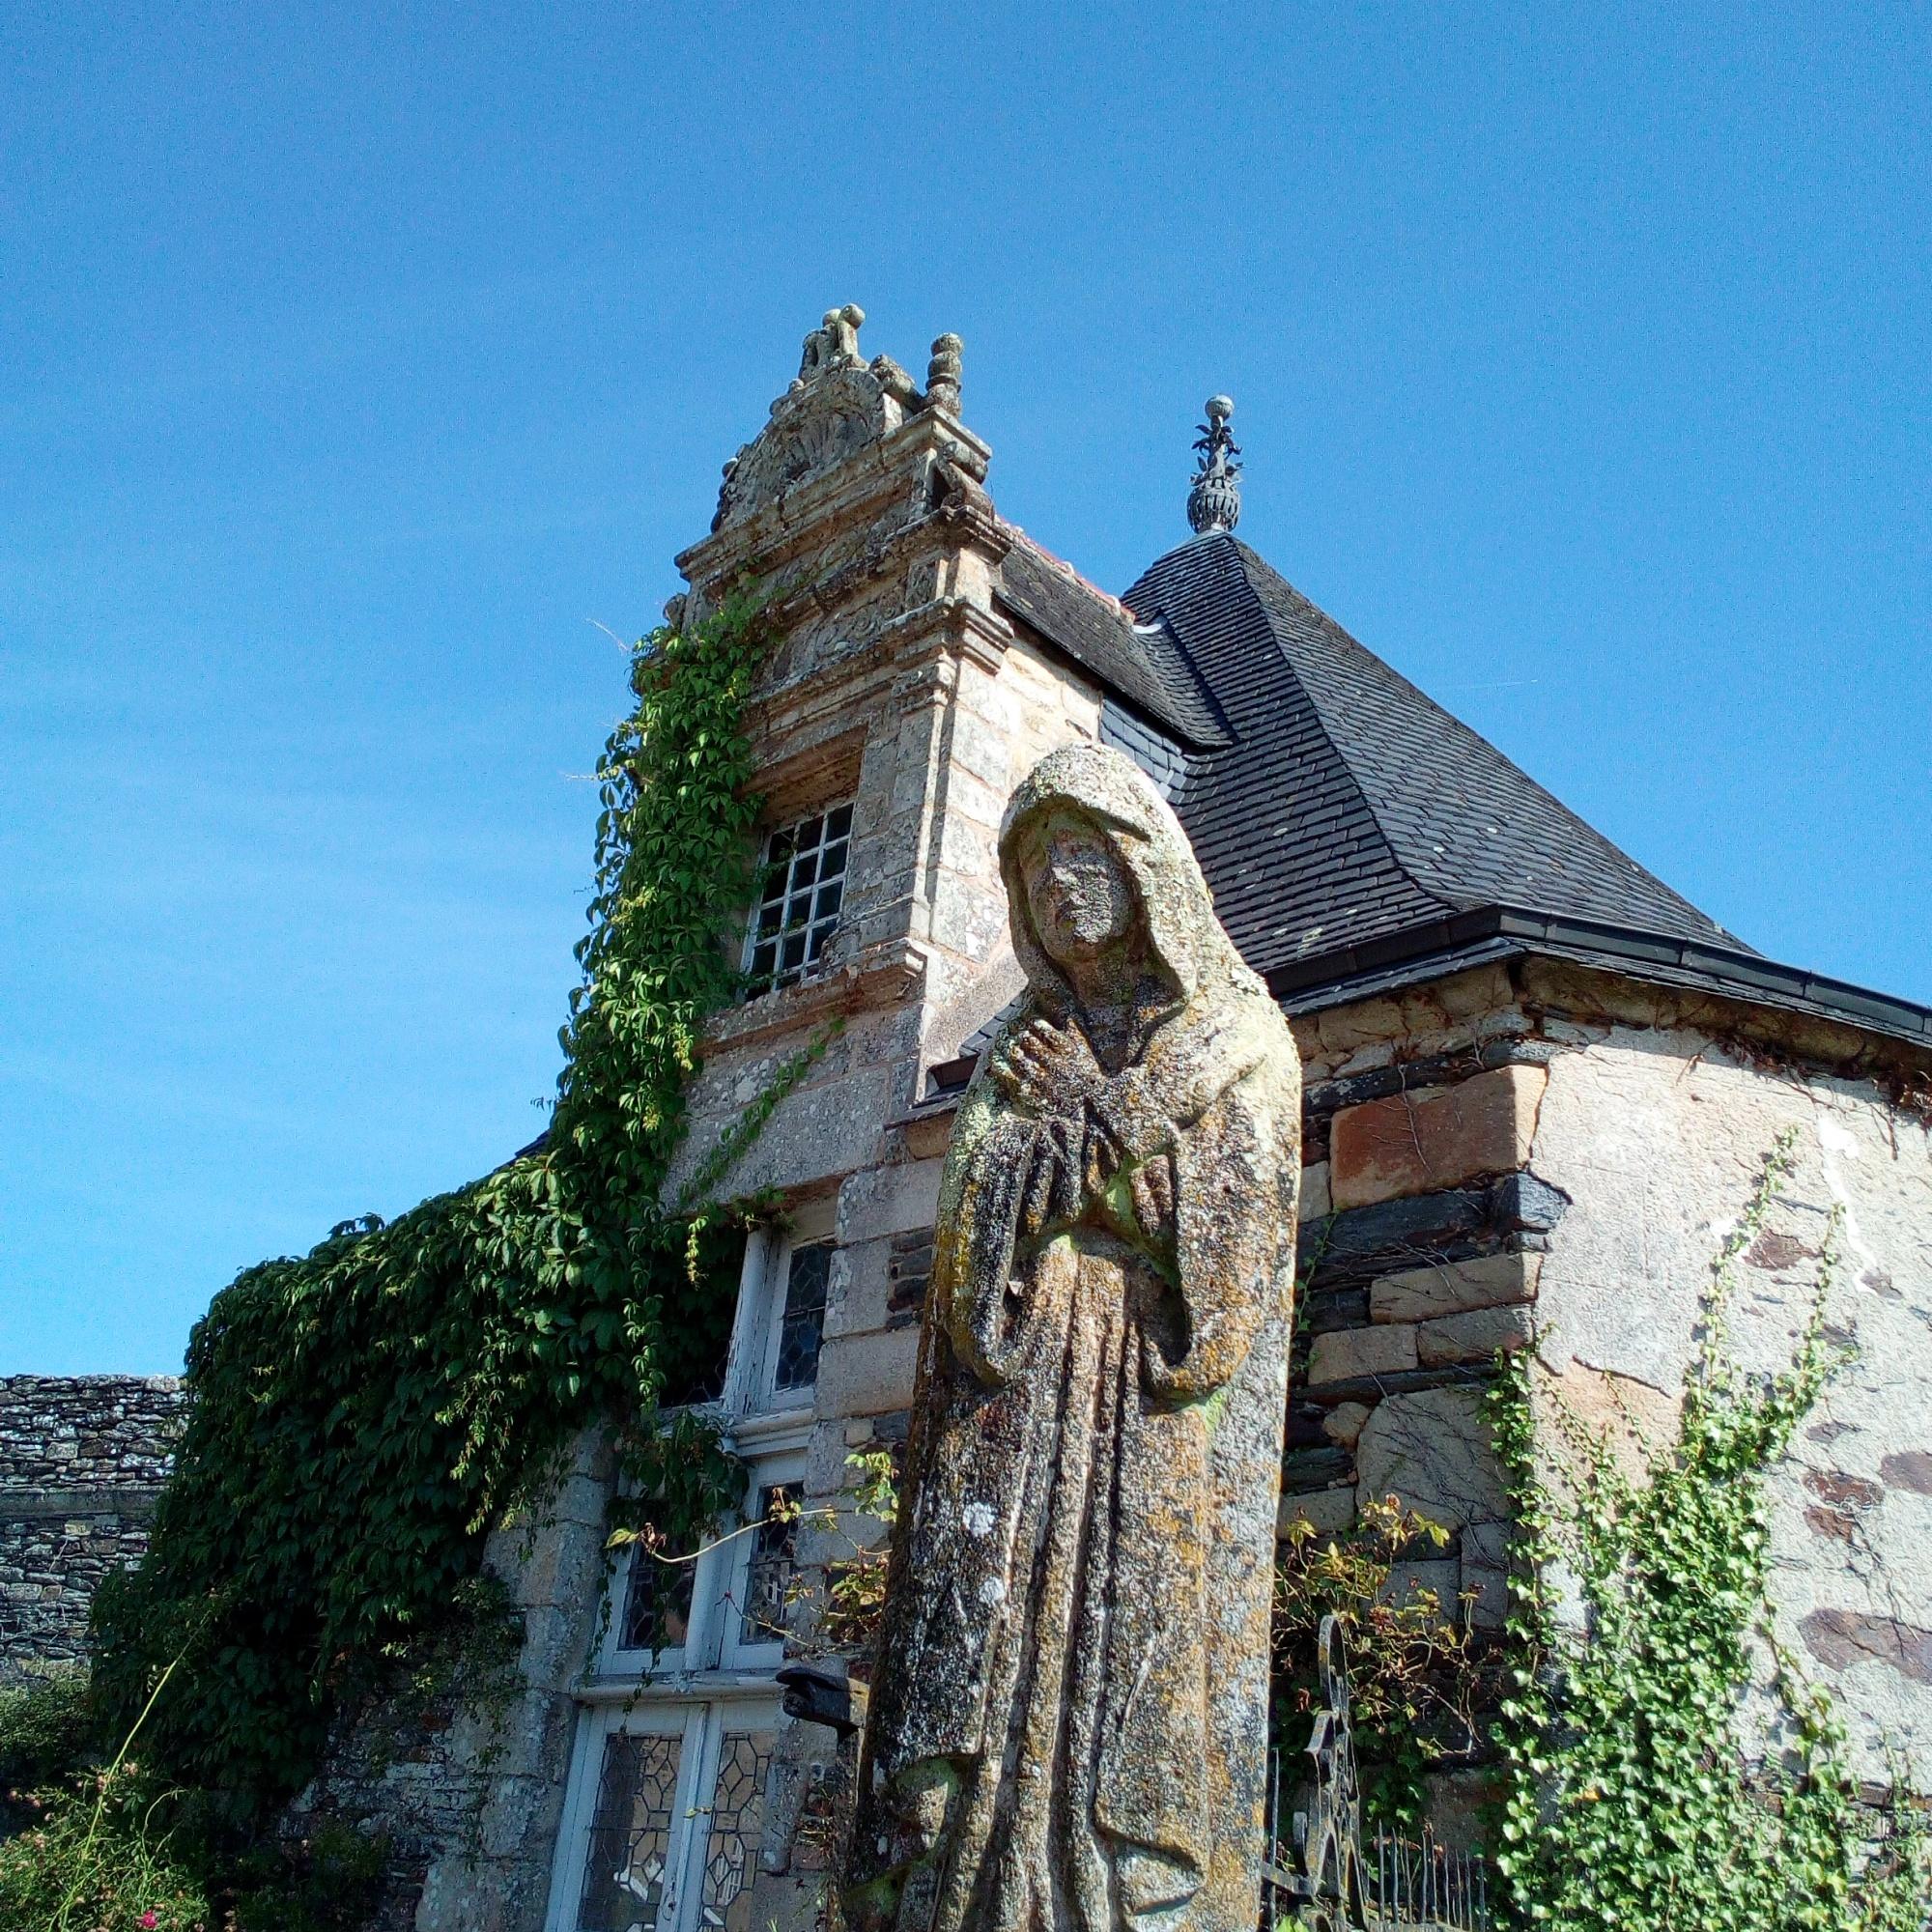 Vue du château de Rochefort-en-Terre